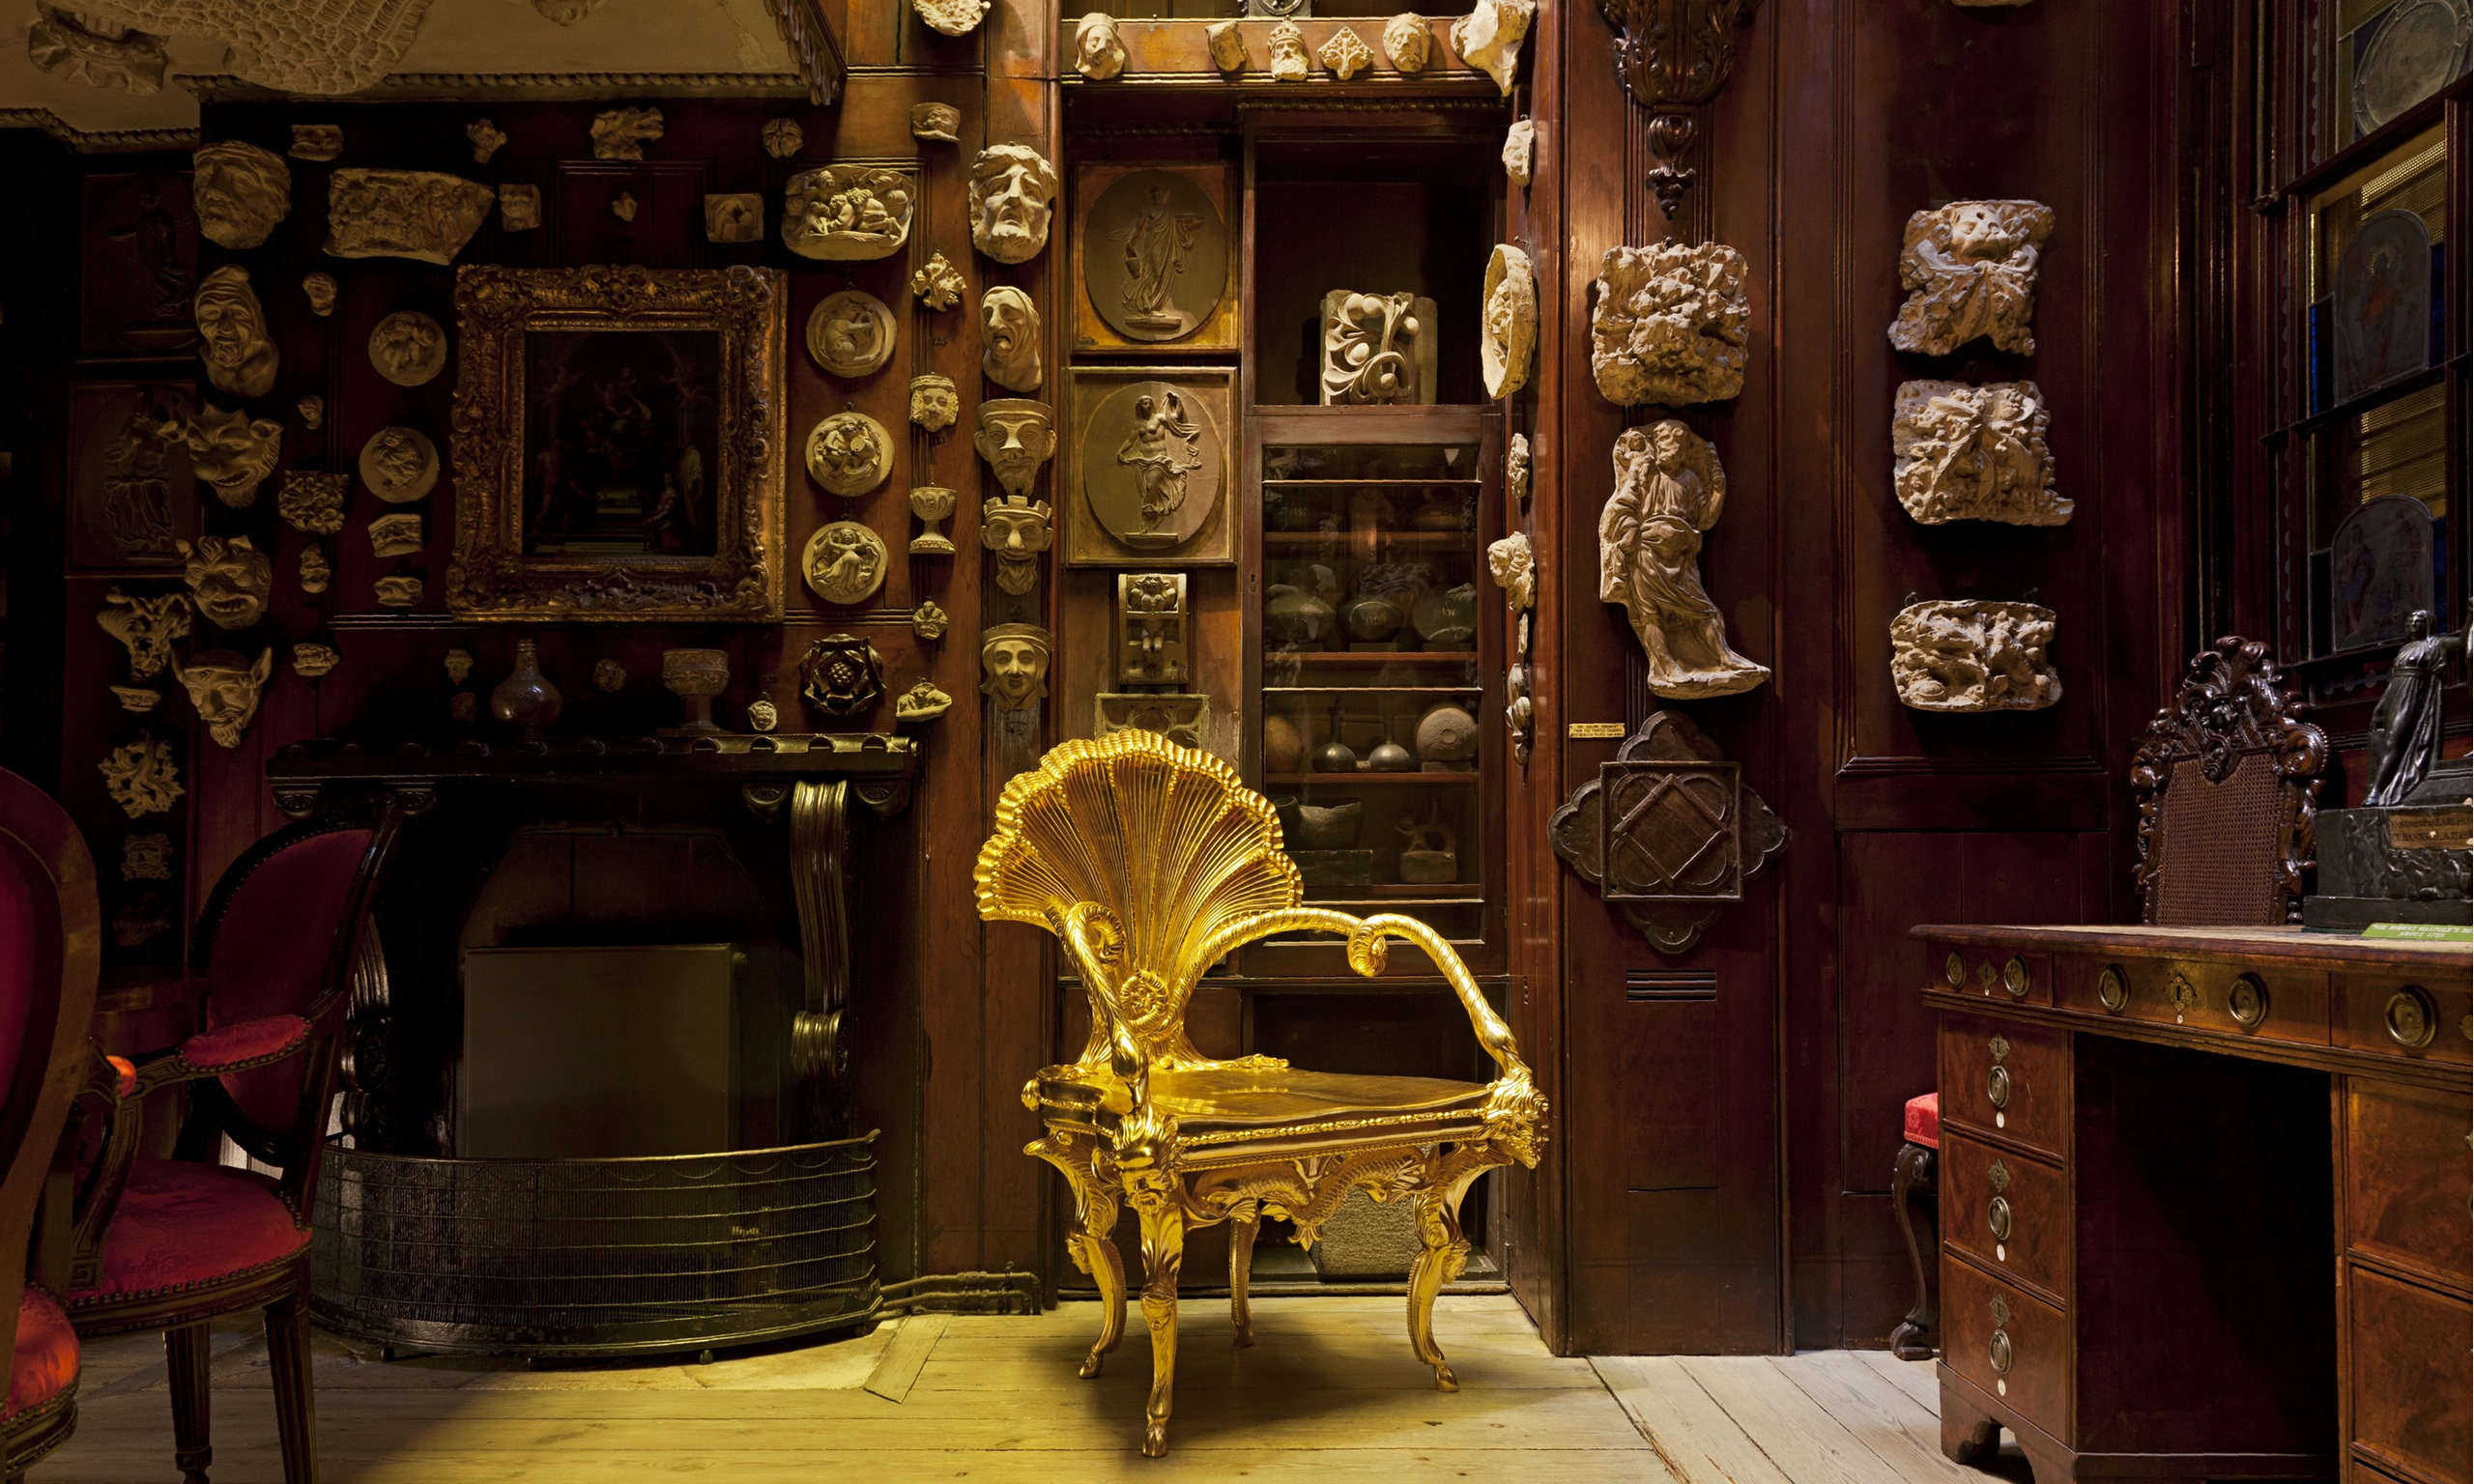 """Aspeto da exposição """"Diverse maniere: Piranesi, fantasy and excesso"""", no museu Sir John Soane, em Londres."""